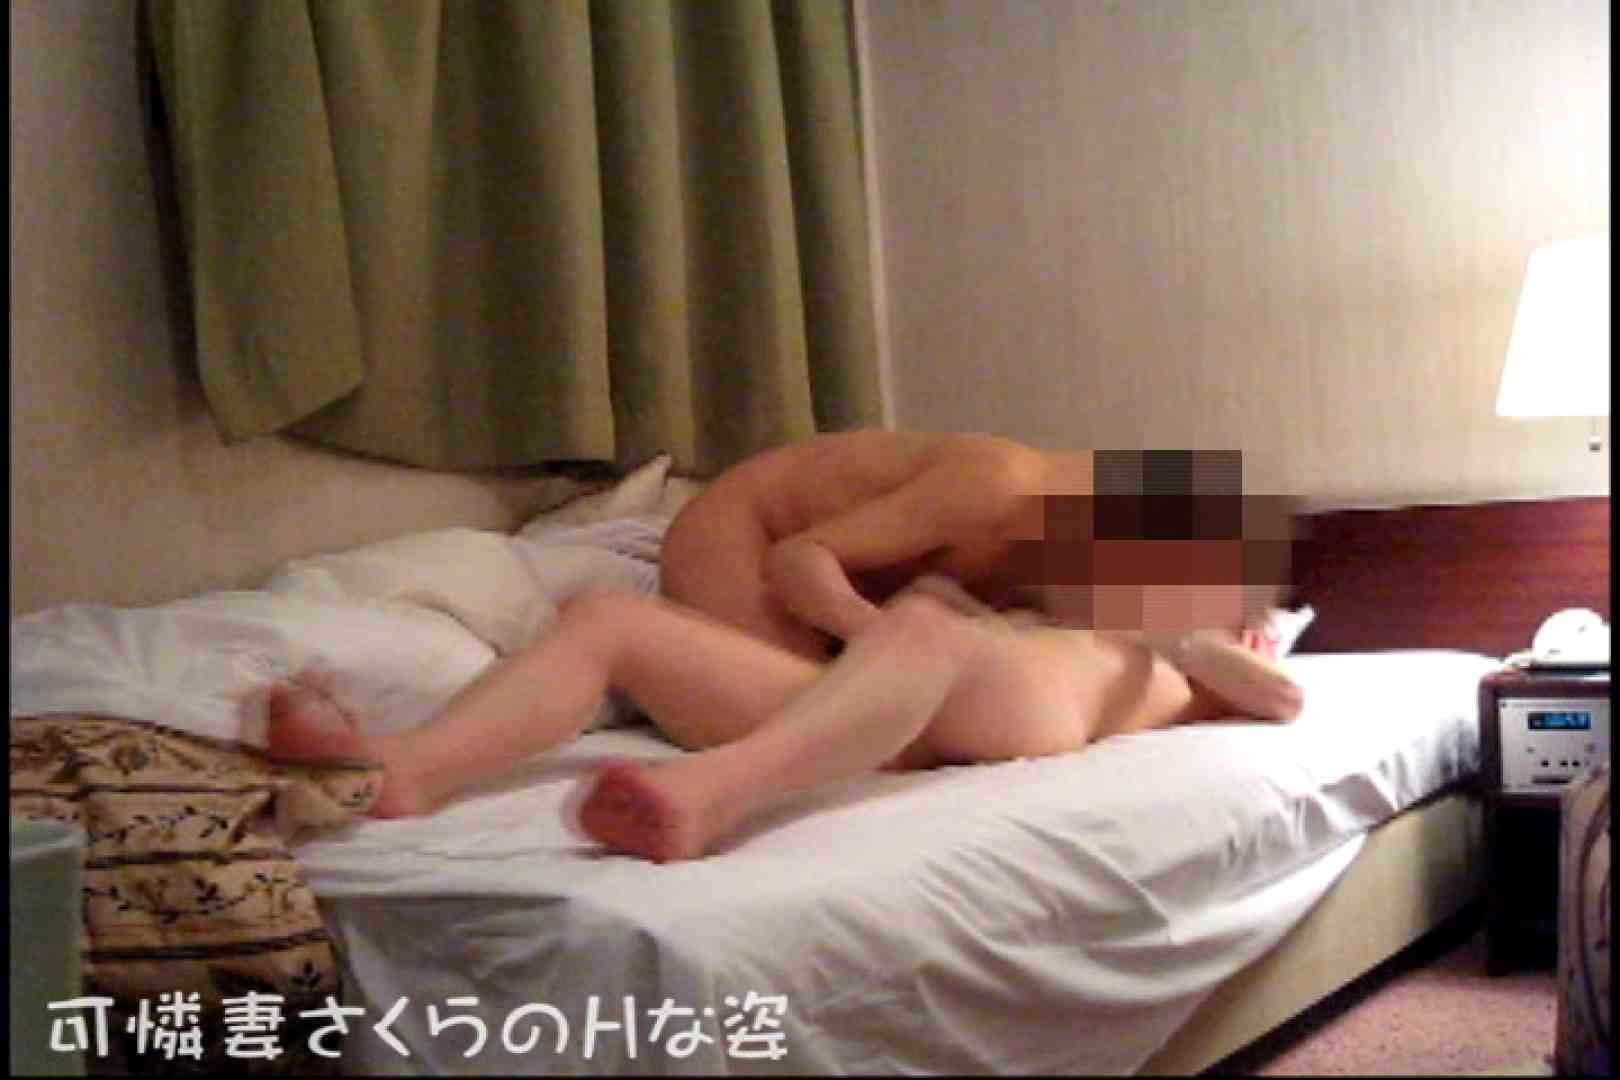 可憐妻さくらのHな姿vol.5前編 エッチな熟女 | セックス映像  50pic 13